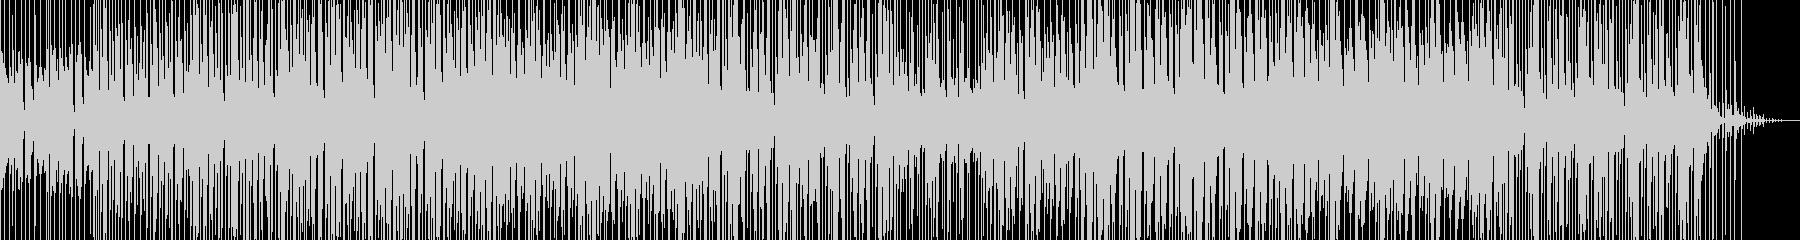 コミカルでほのぼのしたイメージのBGMの未再生の波形